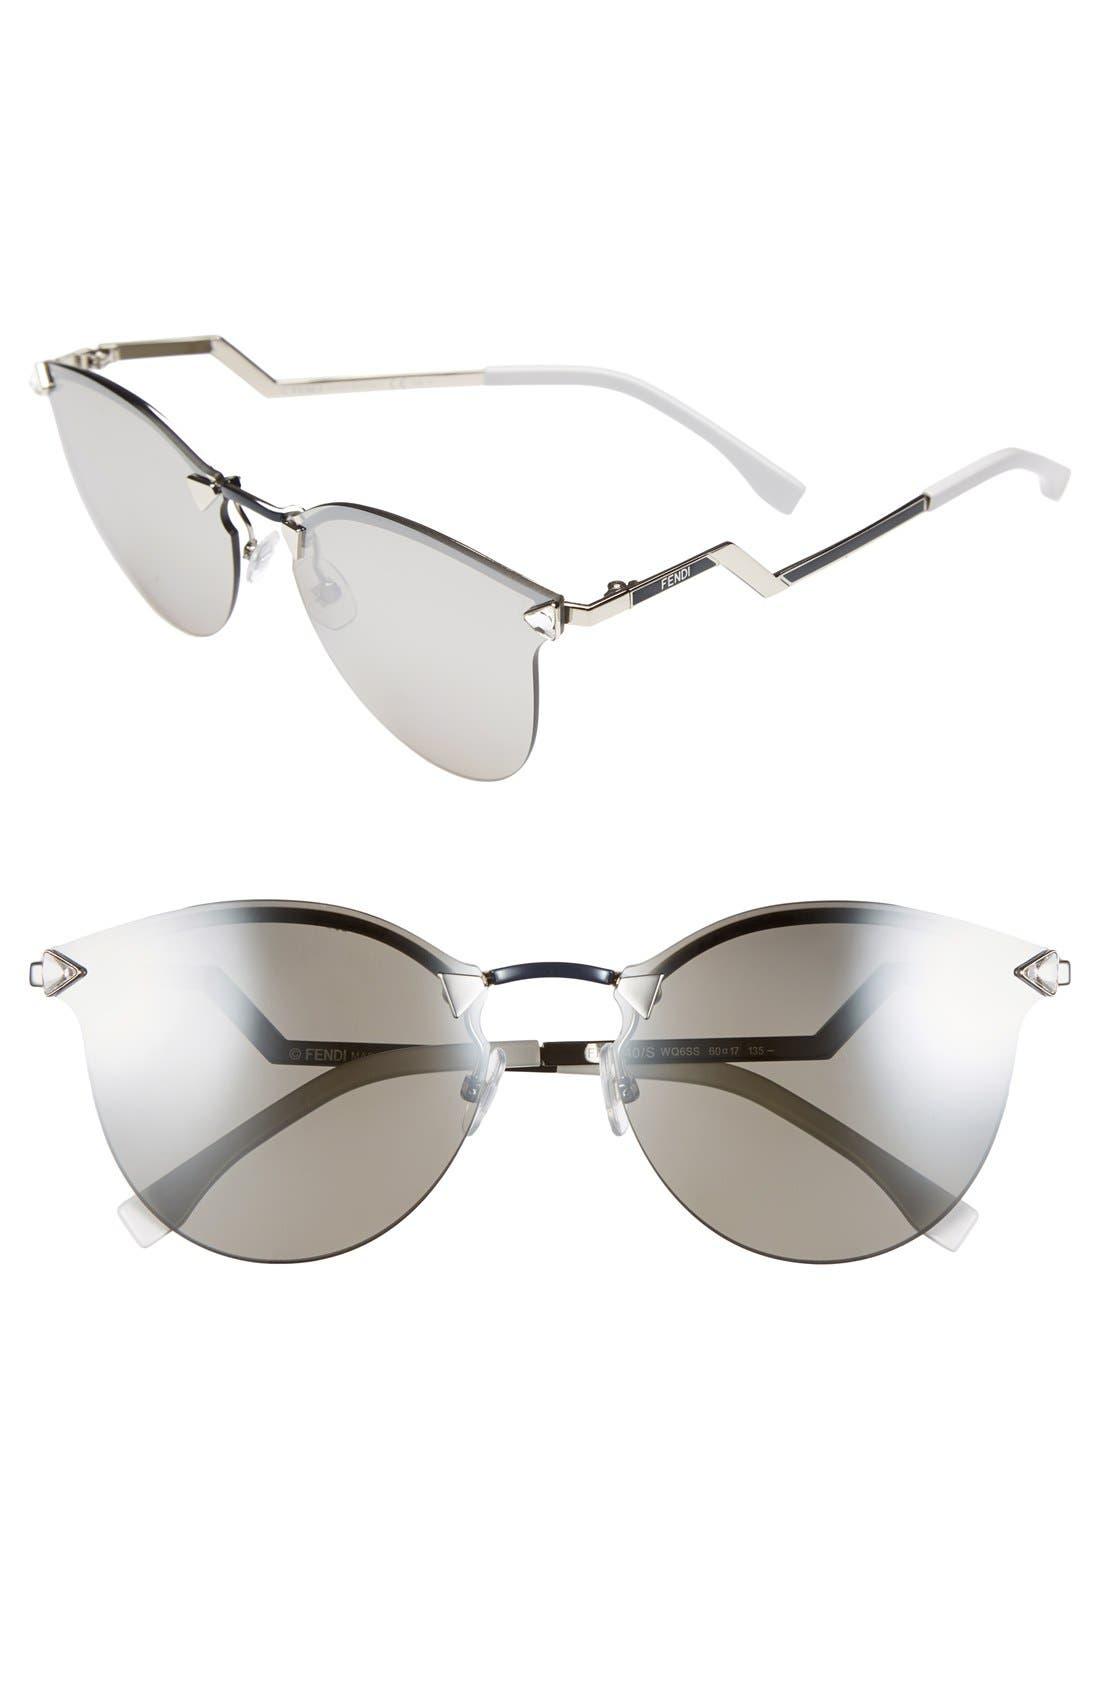 60mm Retro Sunglasses,                         Main,                         color, Palladium/ Silver Mirror